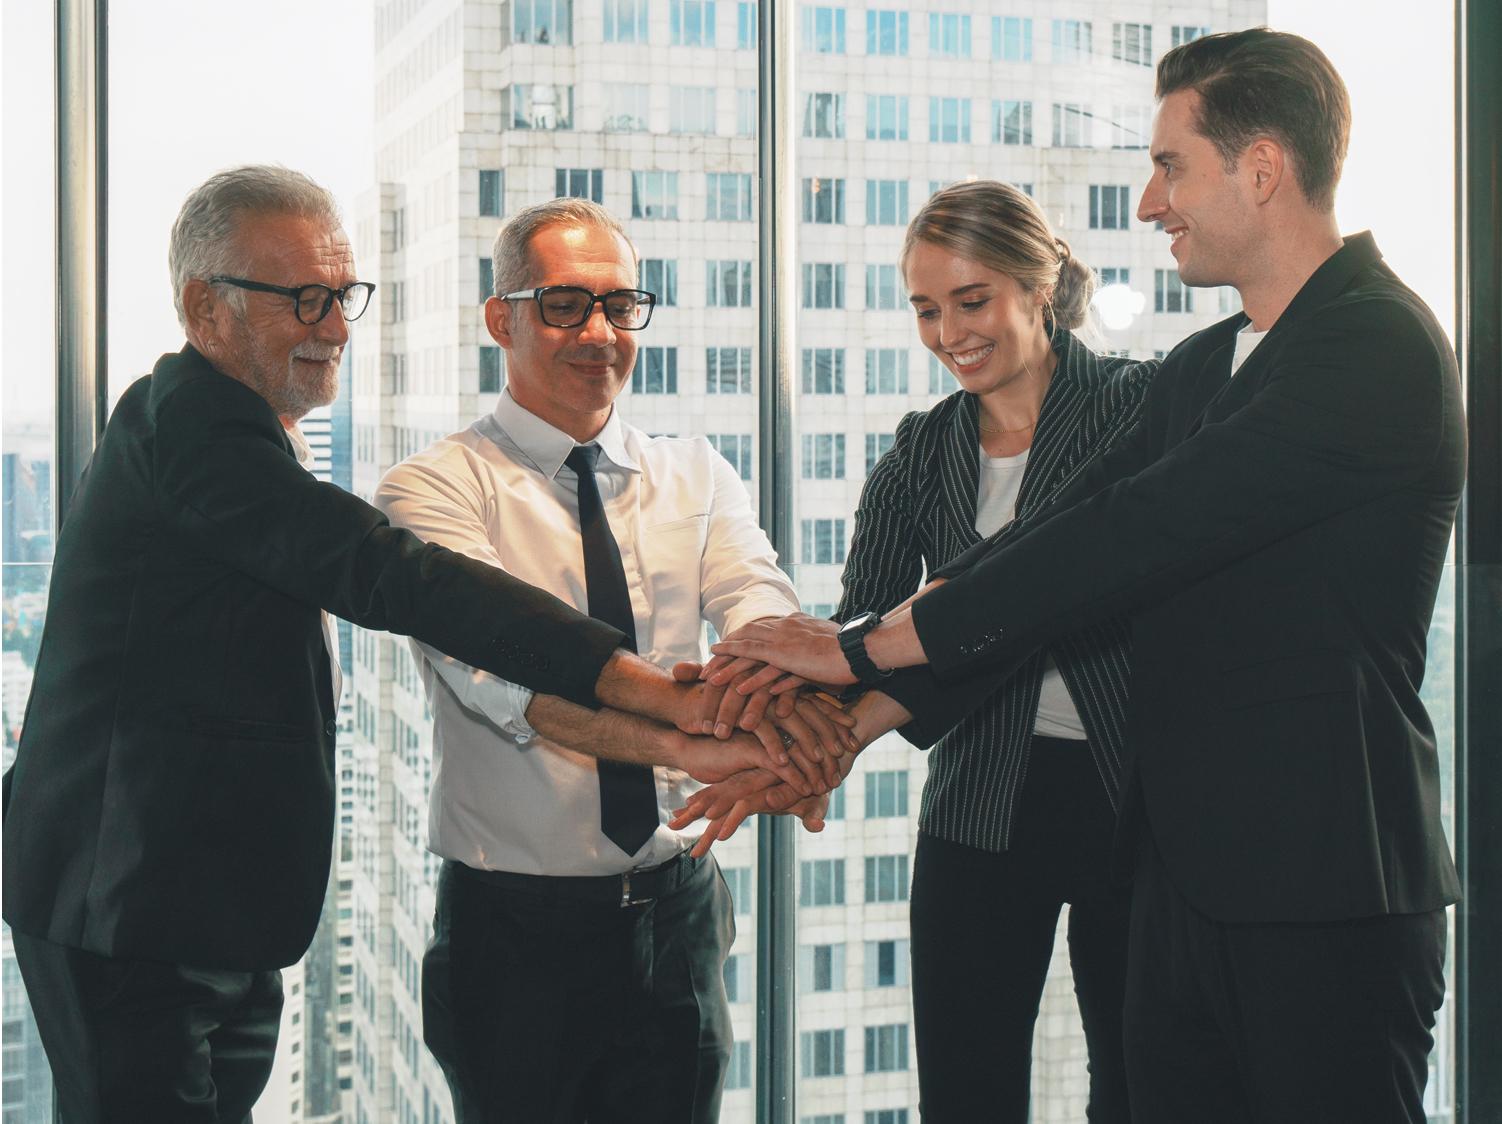 Skrivnosti uspešnega sodelovanja